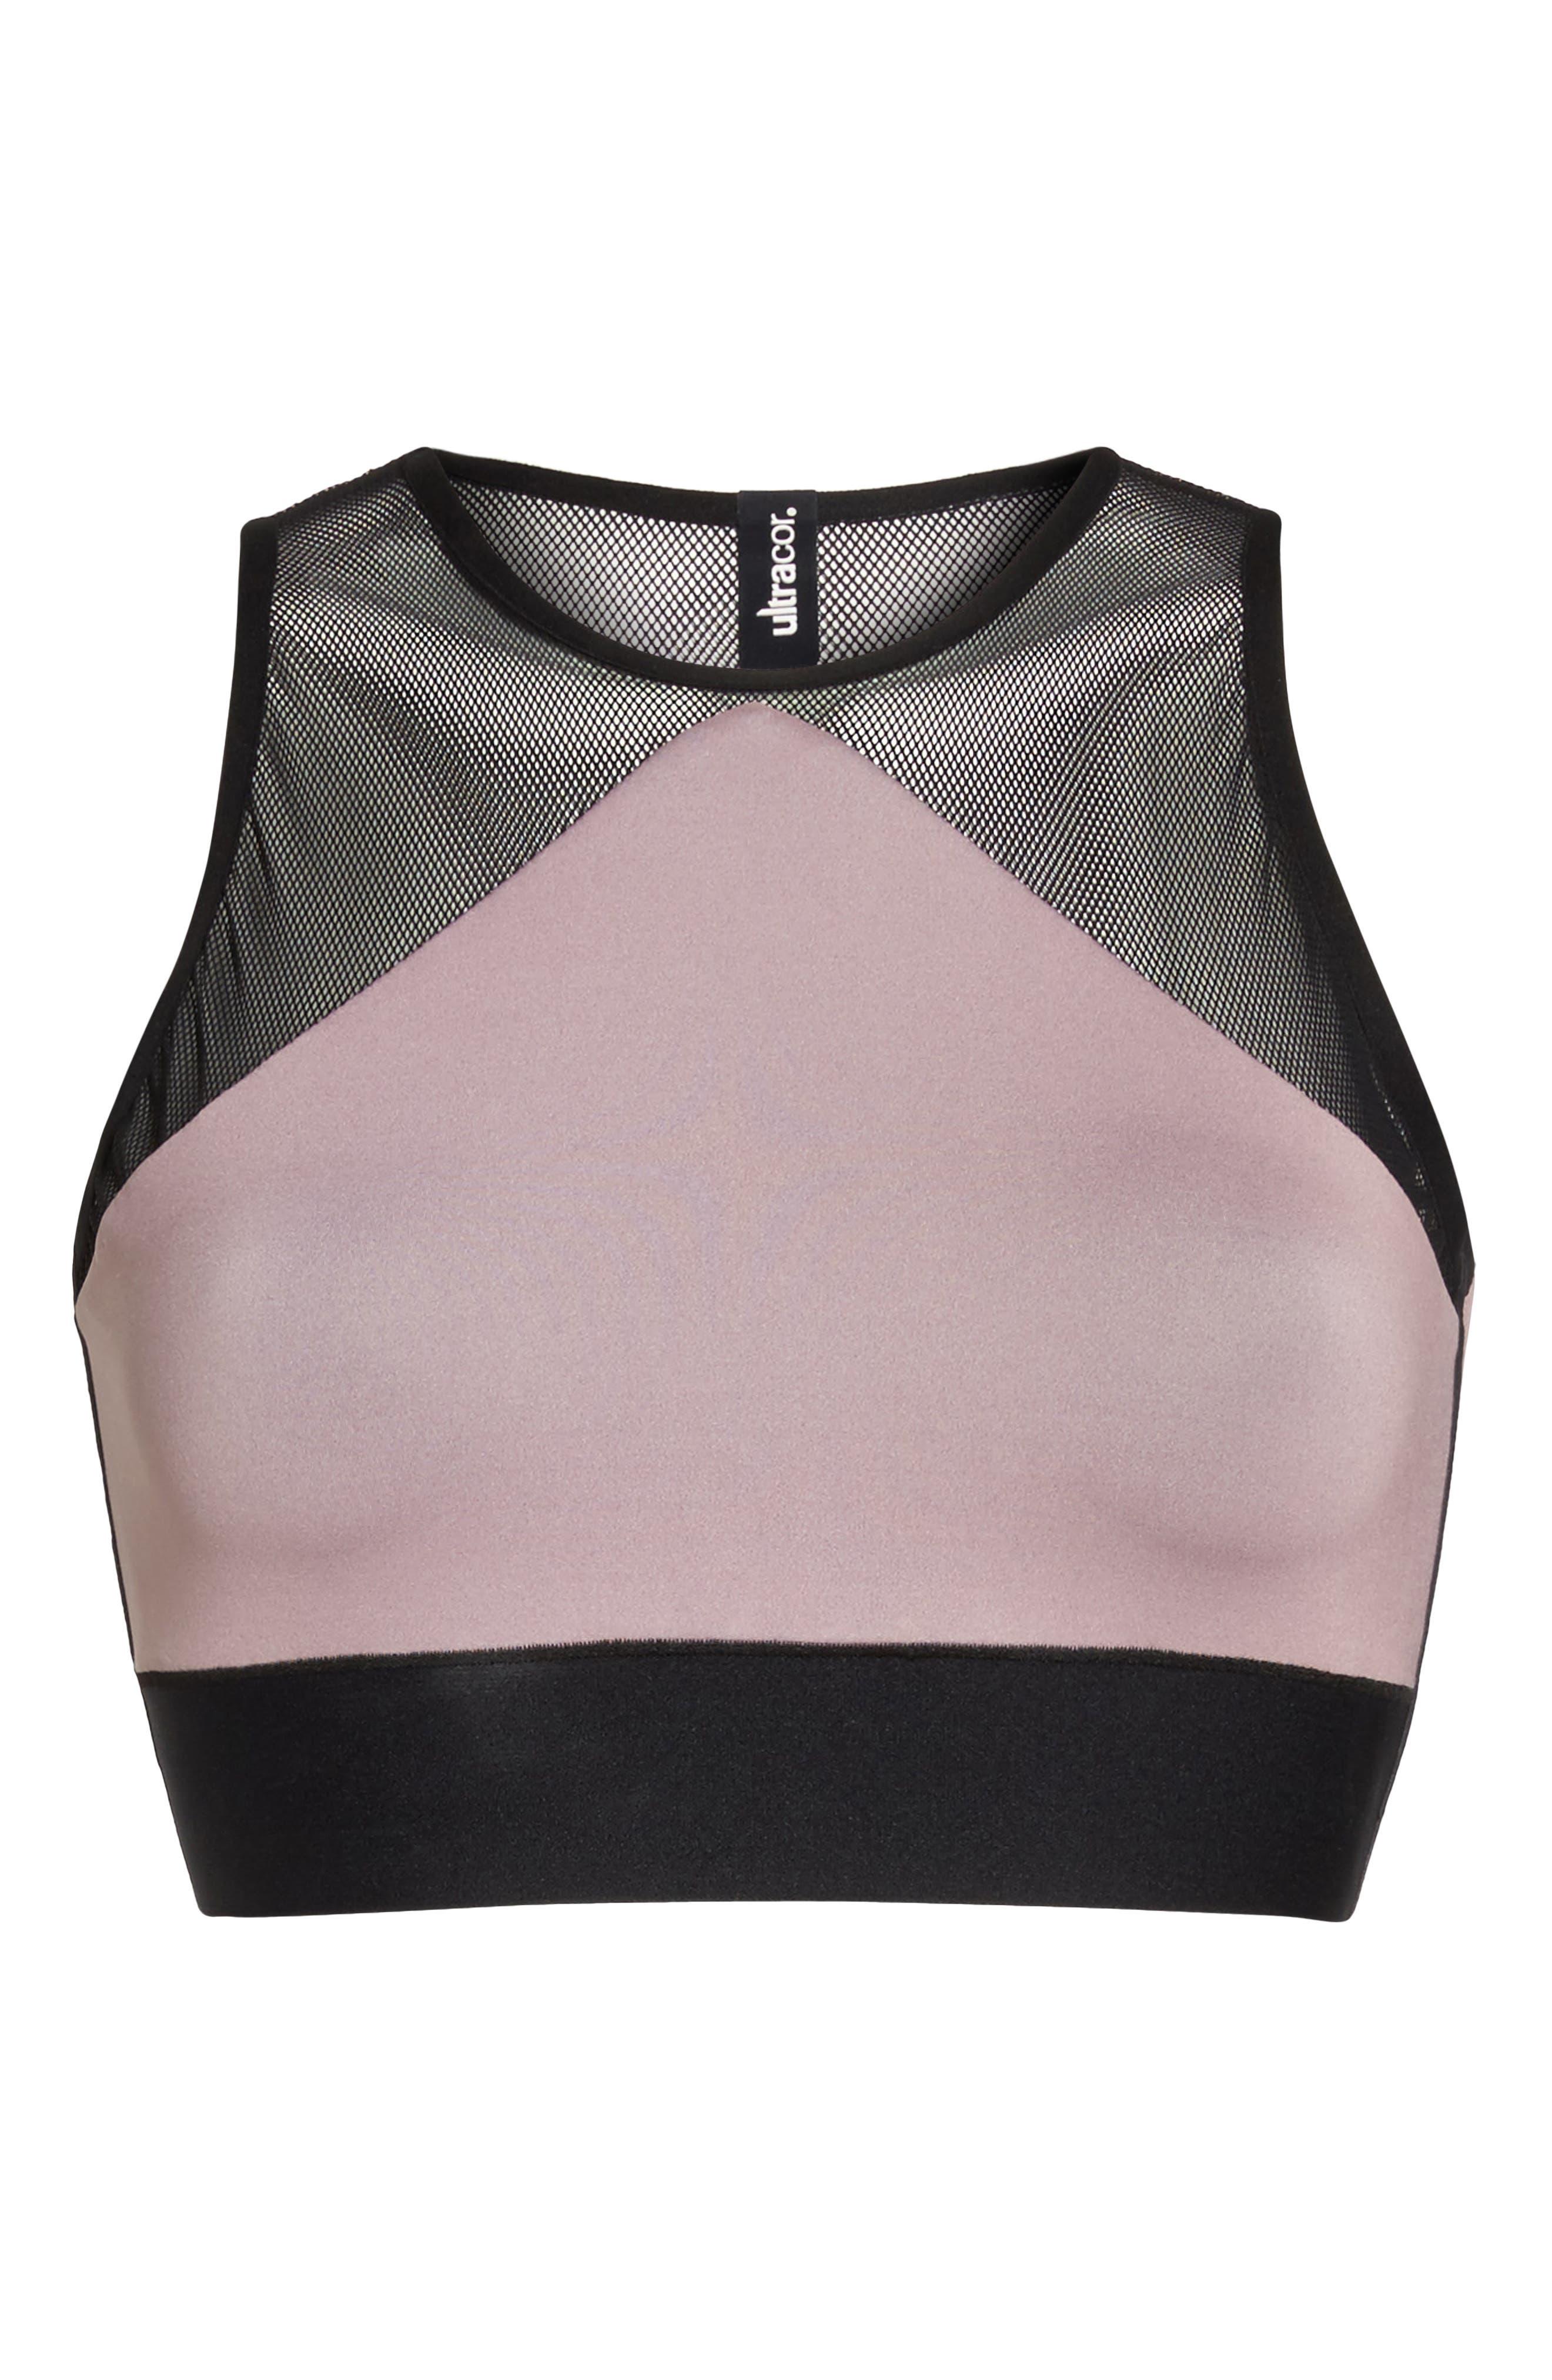 Adrift Sport Mesh Bikini Top,                             Alternate thumbnail 9, color,                             Blush Pink